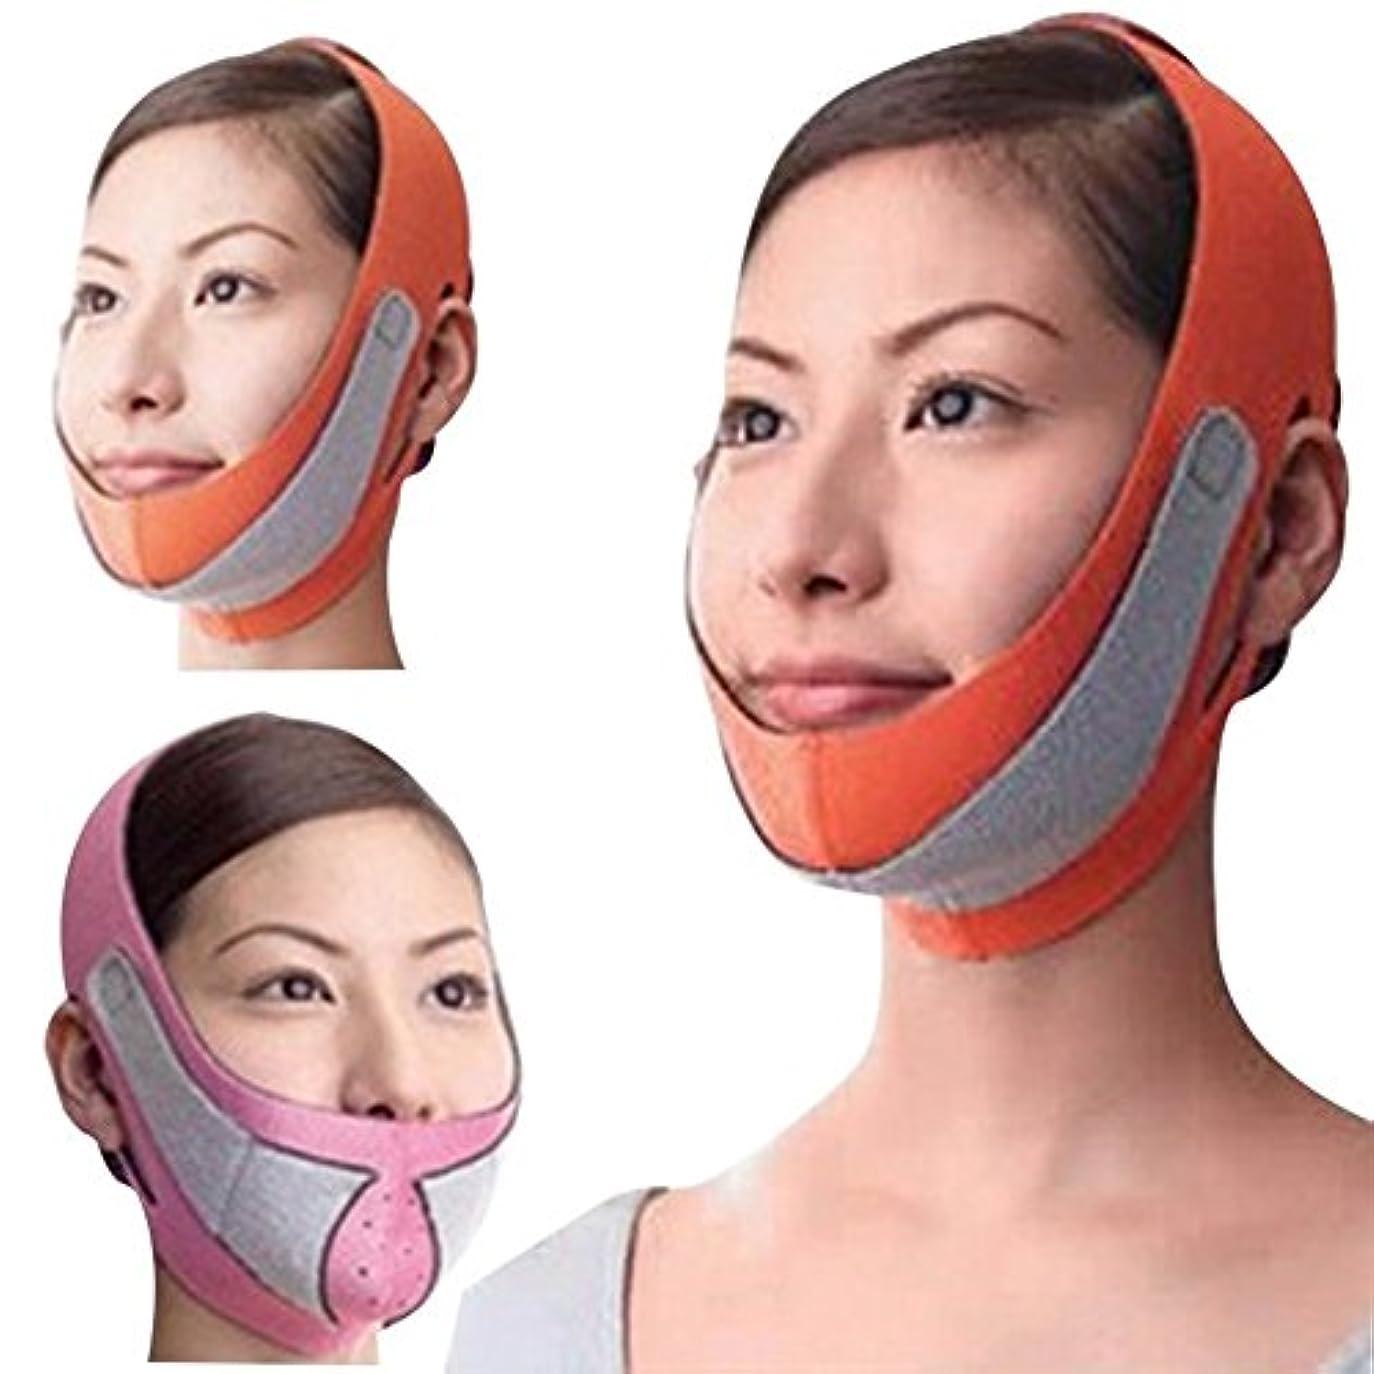 恥ずかしさぴかぴか重荷Remeehi 引き上げマスク 頬のたるみ 額 顎下 頬リフトアップ ピンク グレー 弾力V-ラインマスク 引っ張る リフティング フェイス リフトスリムマスク 美容 フェイスマスク オレンジ